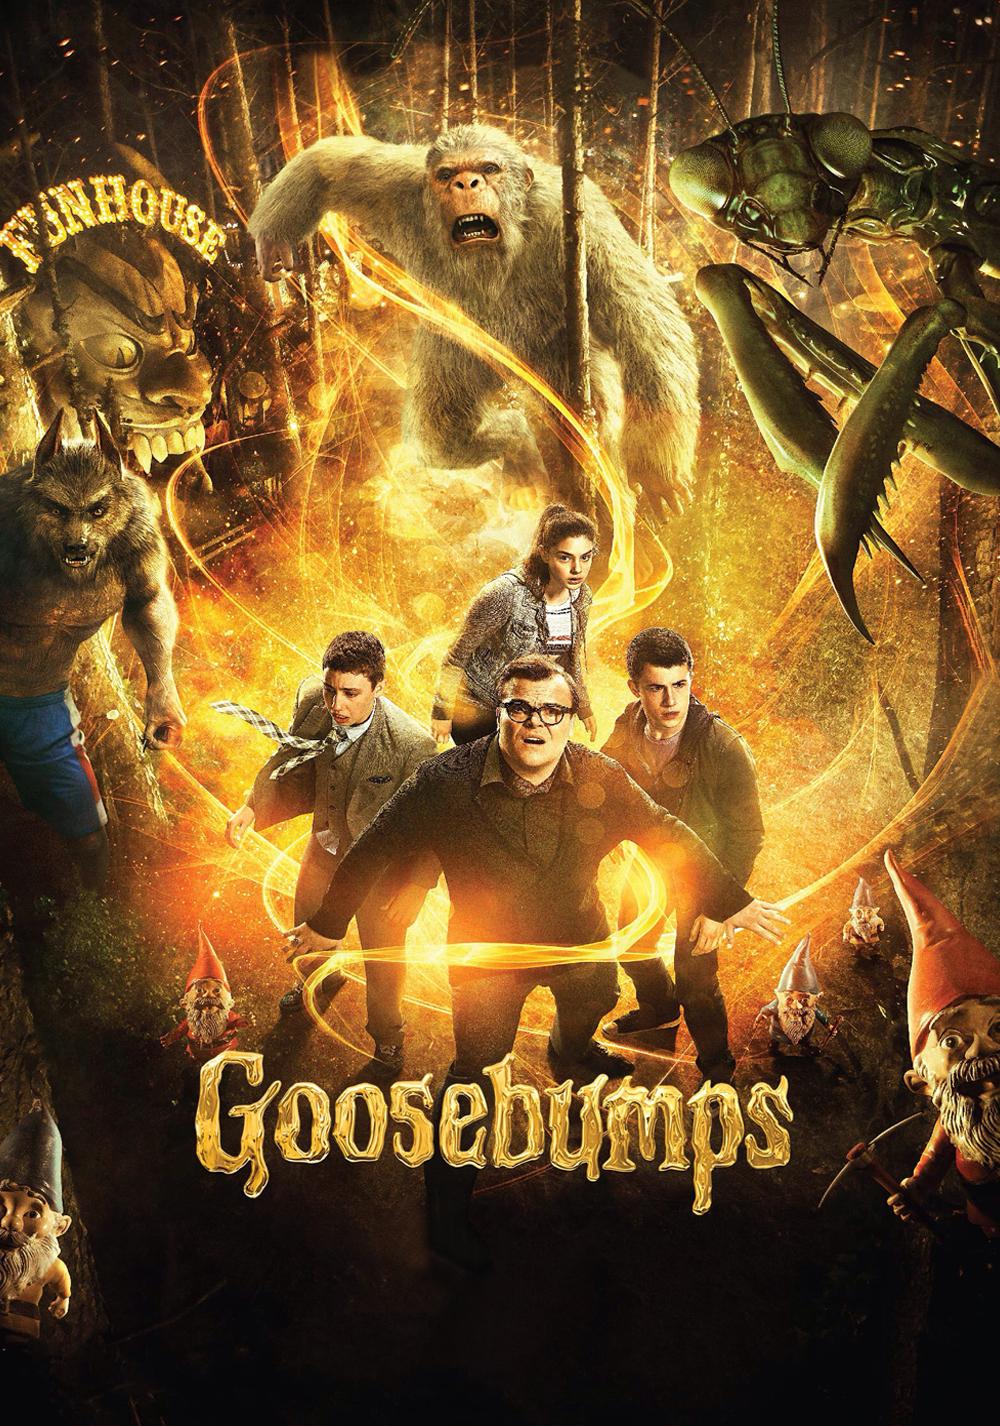 Goosebumps Film